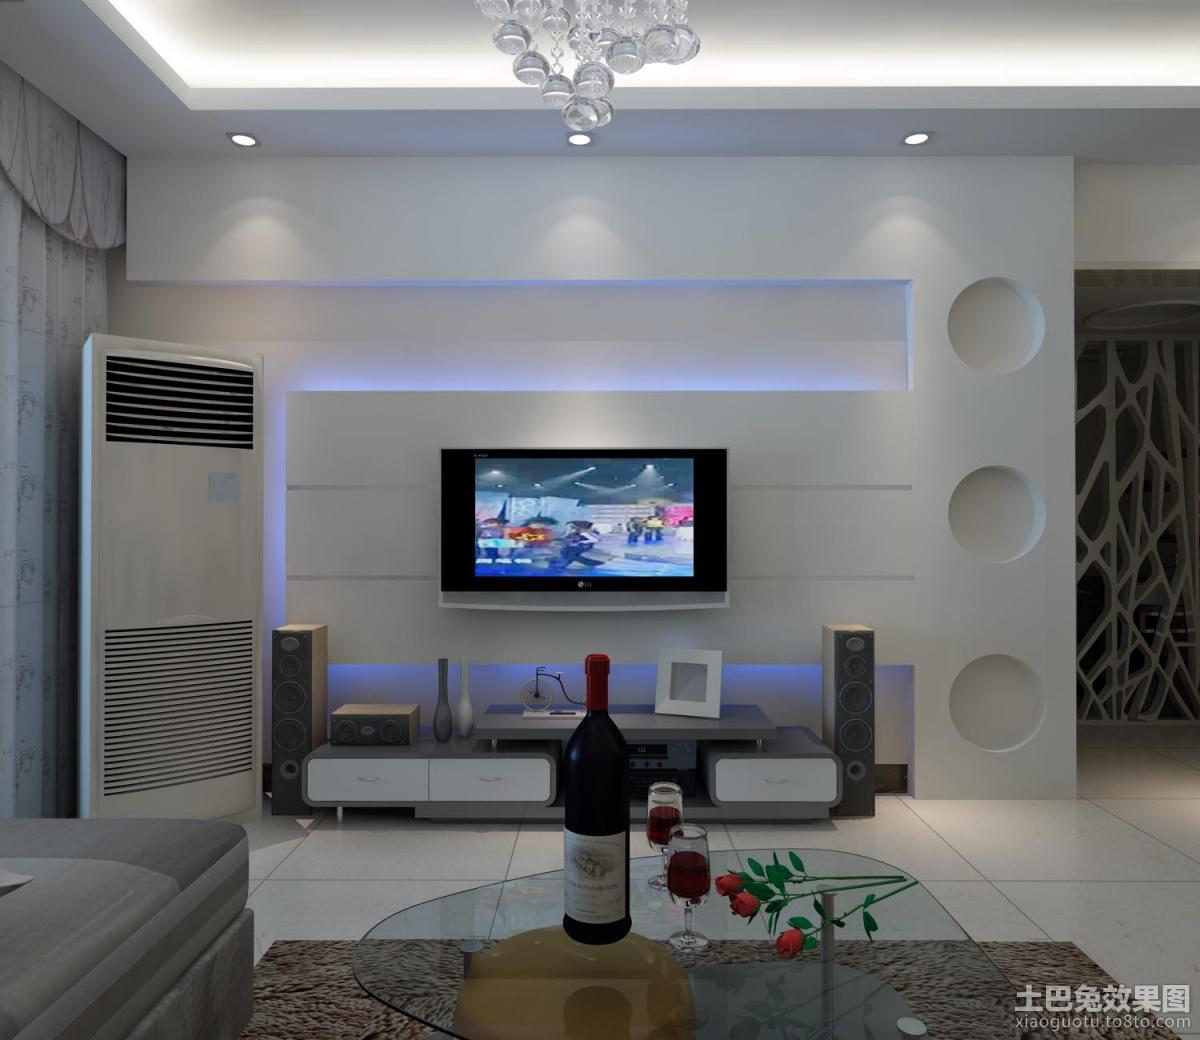 客厅装修电视背景墙装修效果图_第5张 - 家居图库